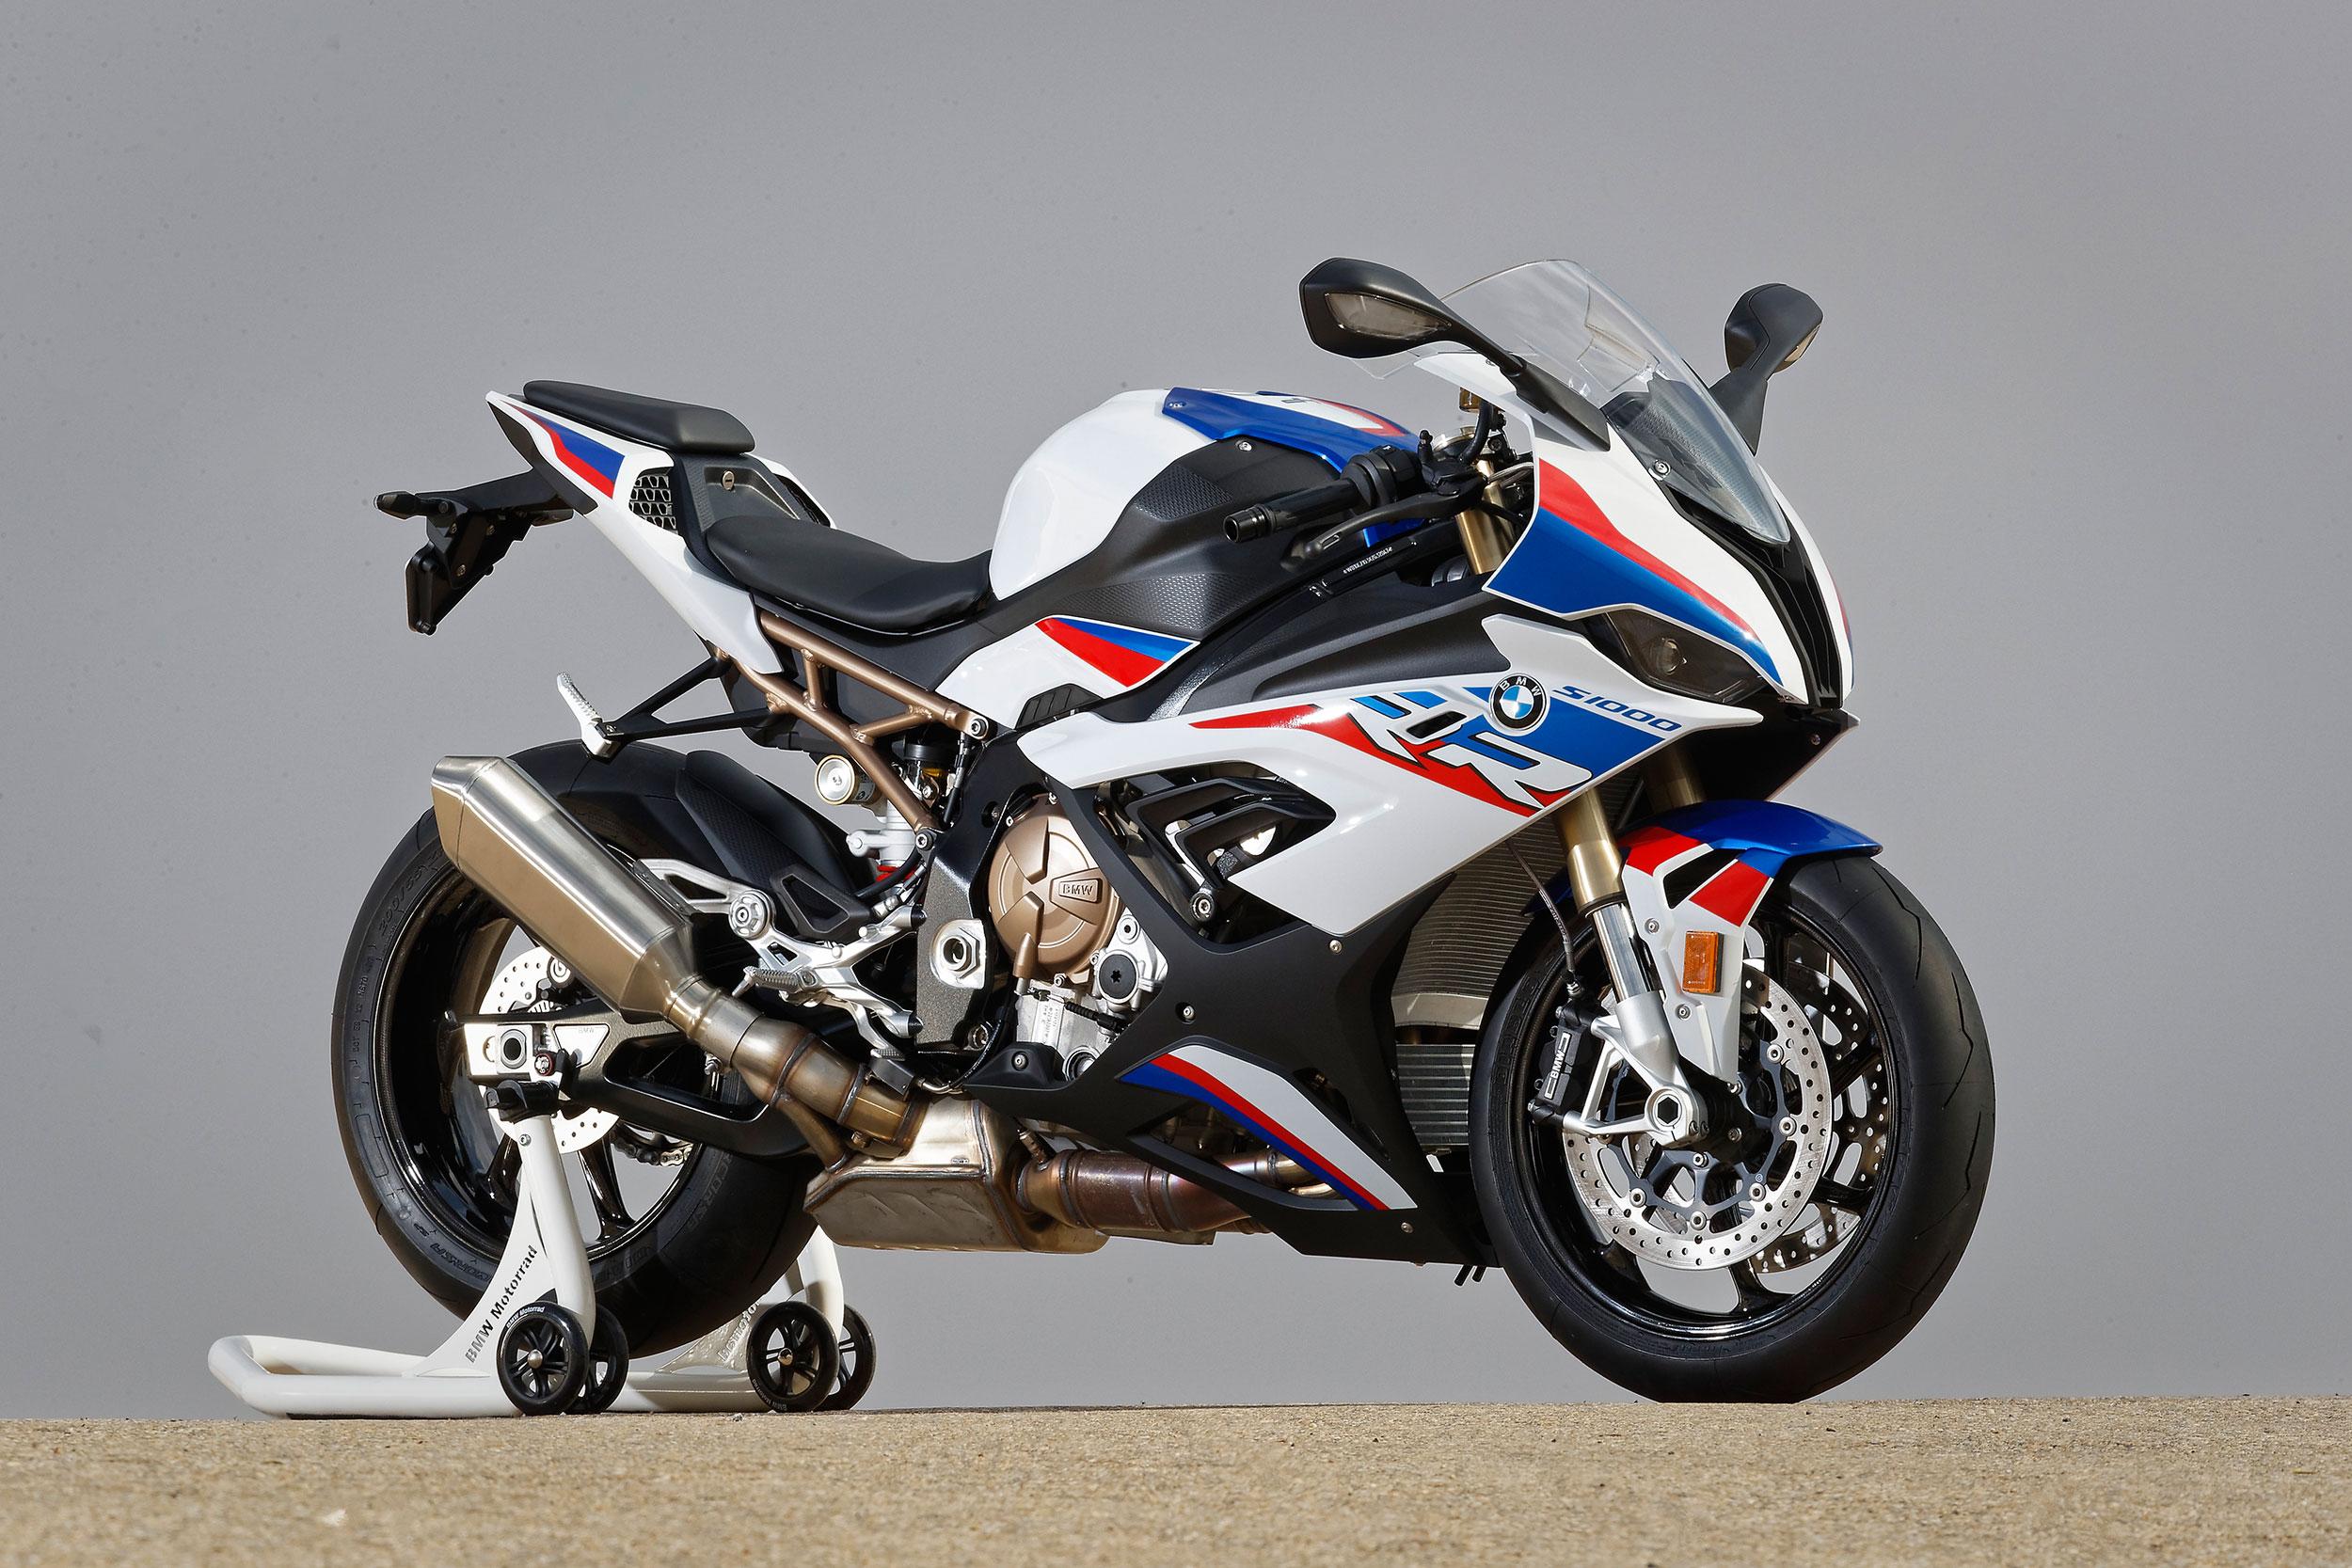 Die Neue Bmw S1000rr Noch Leichter Und Schneller Motorradzubehor